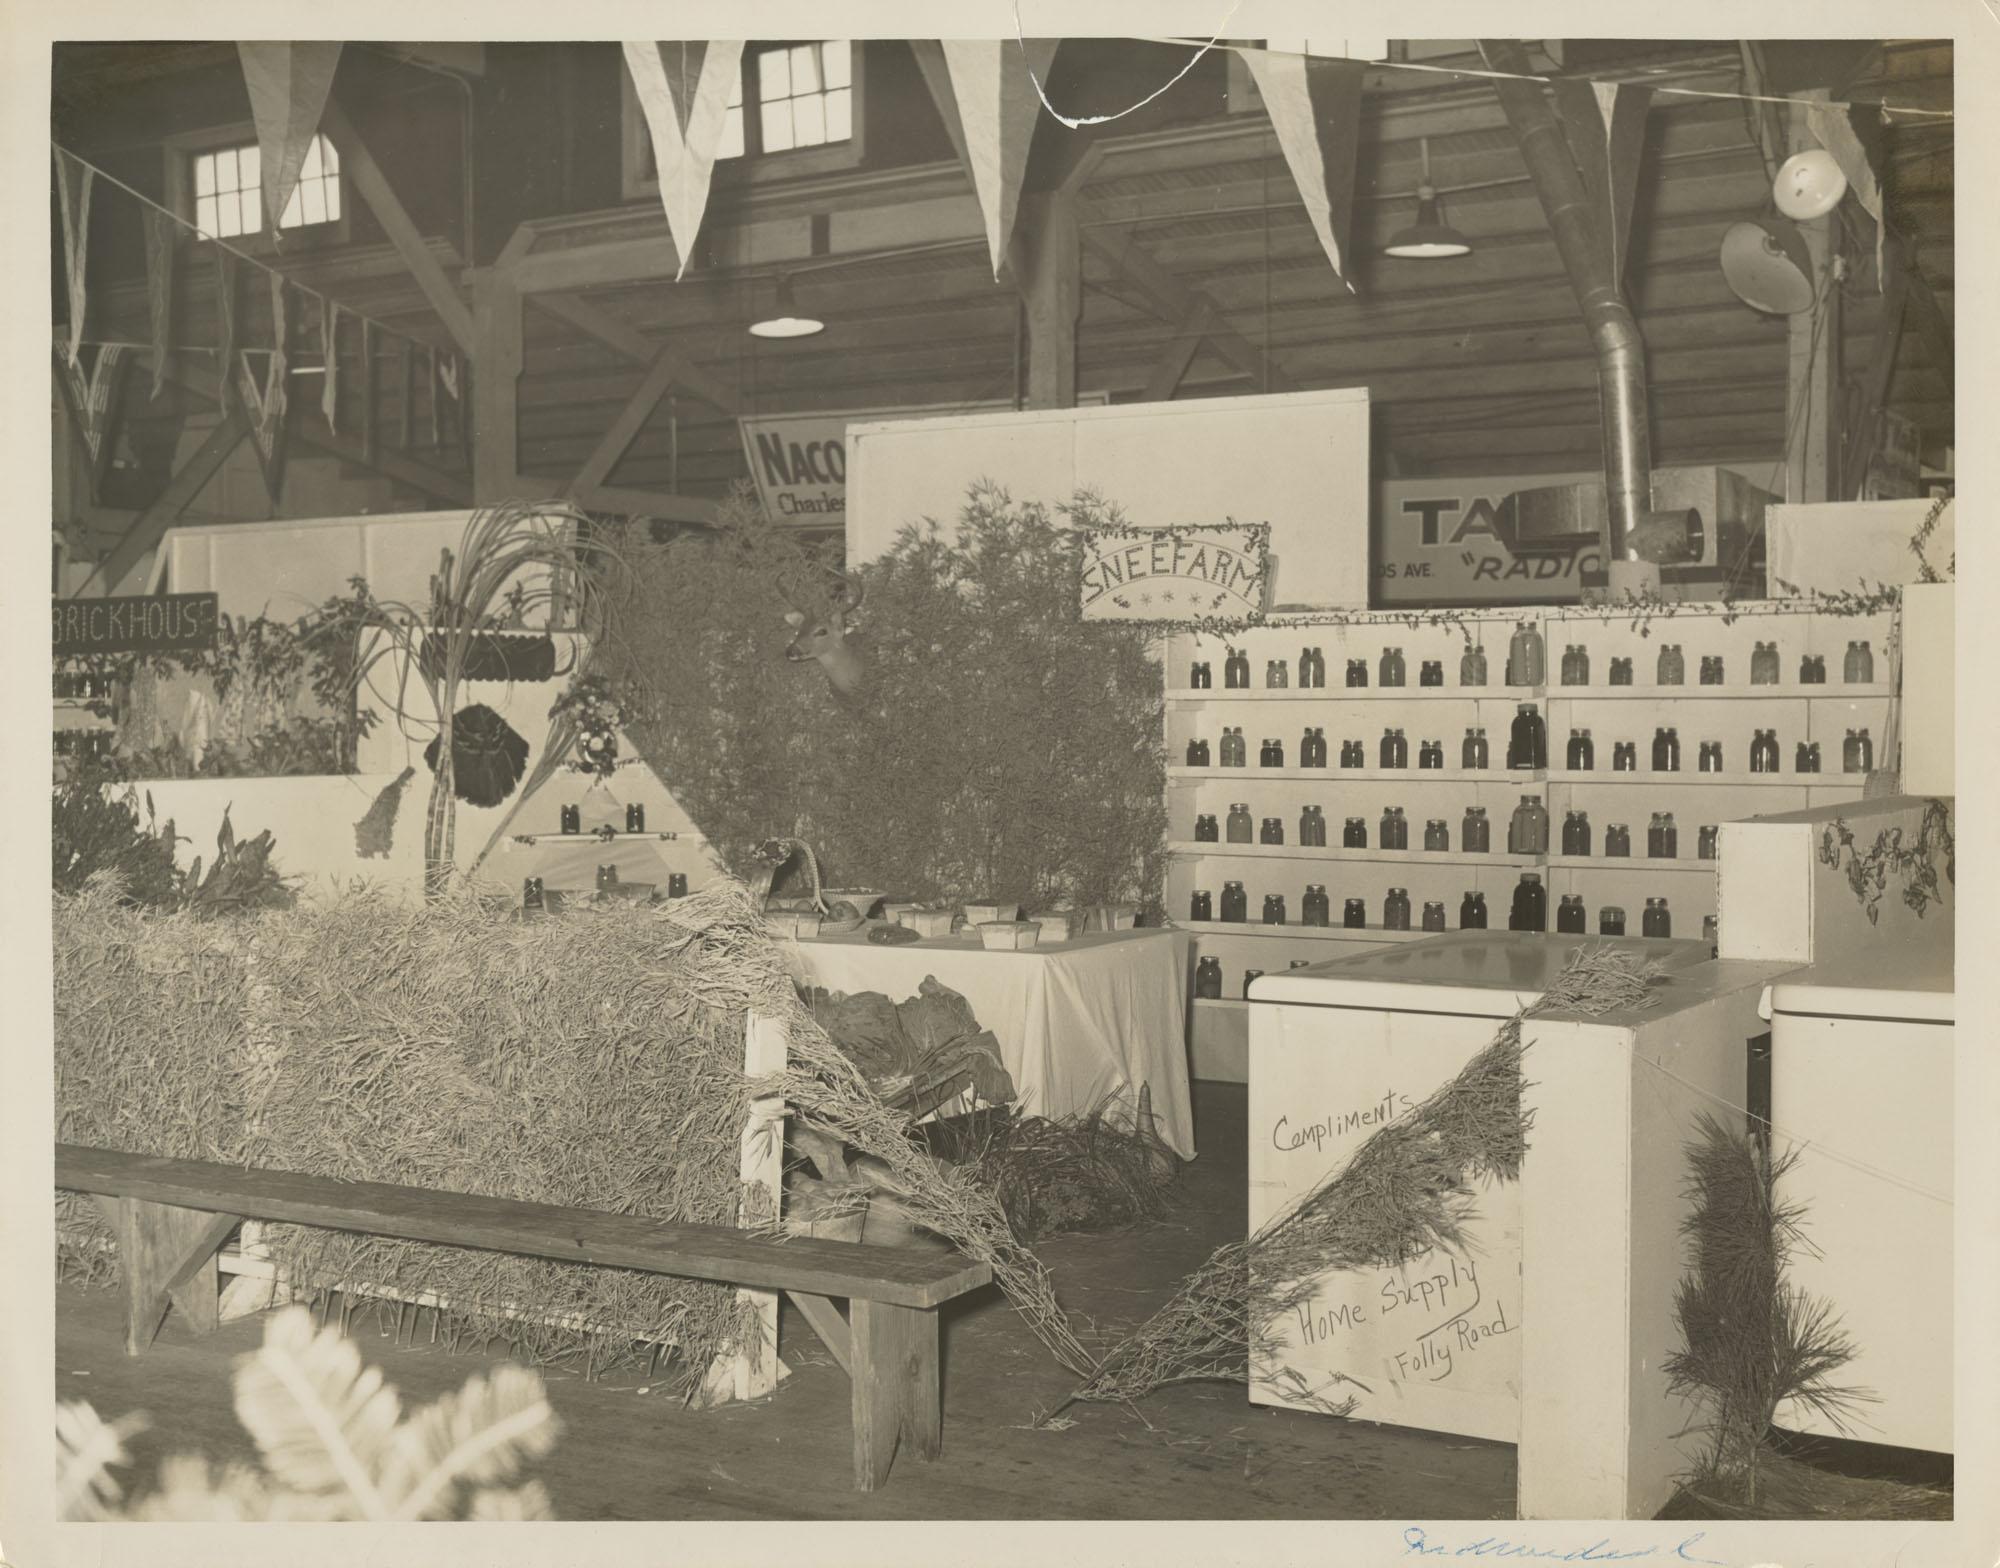 Snee Farm Fair Exhibit